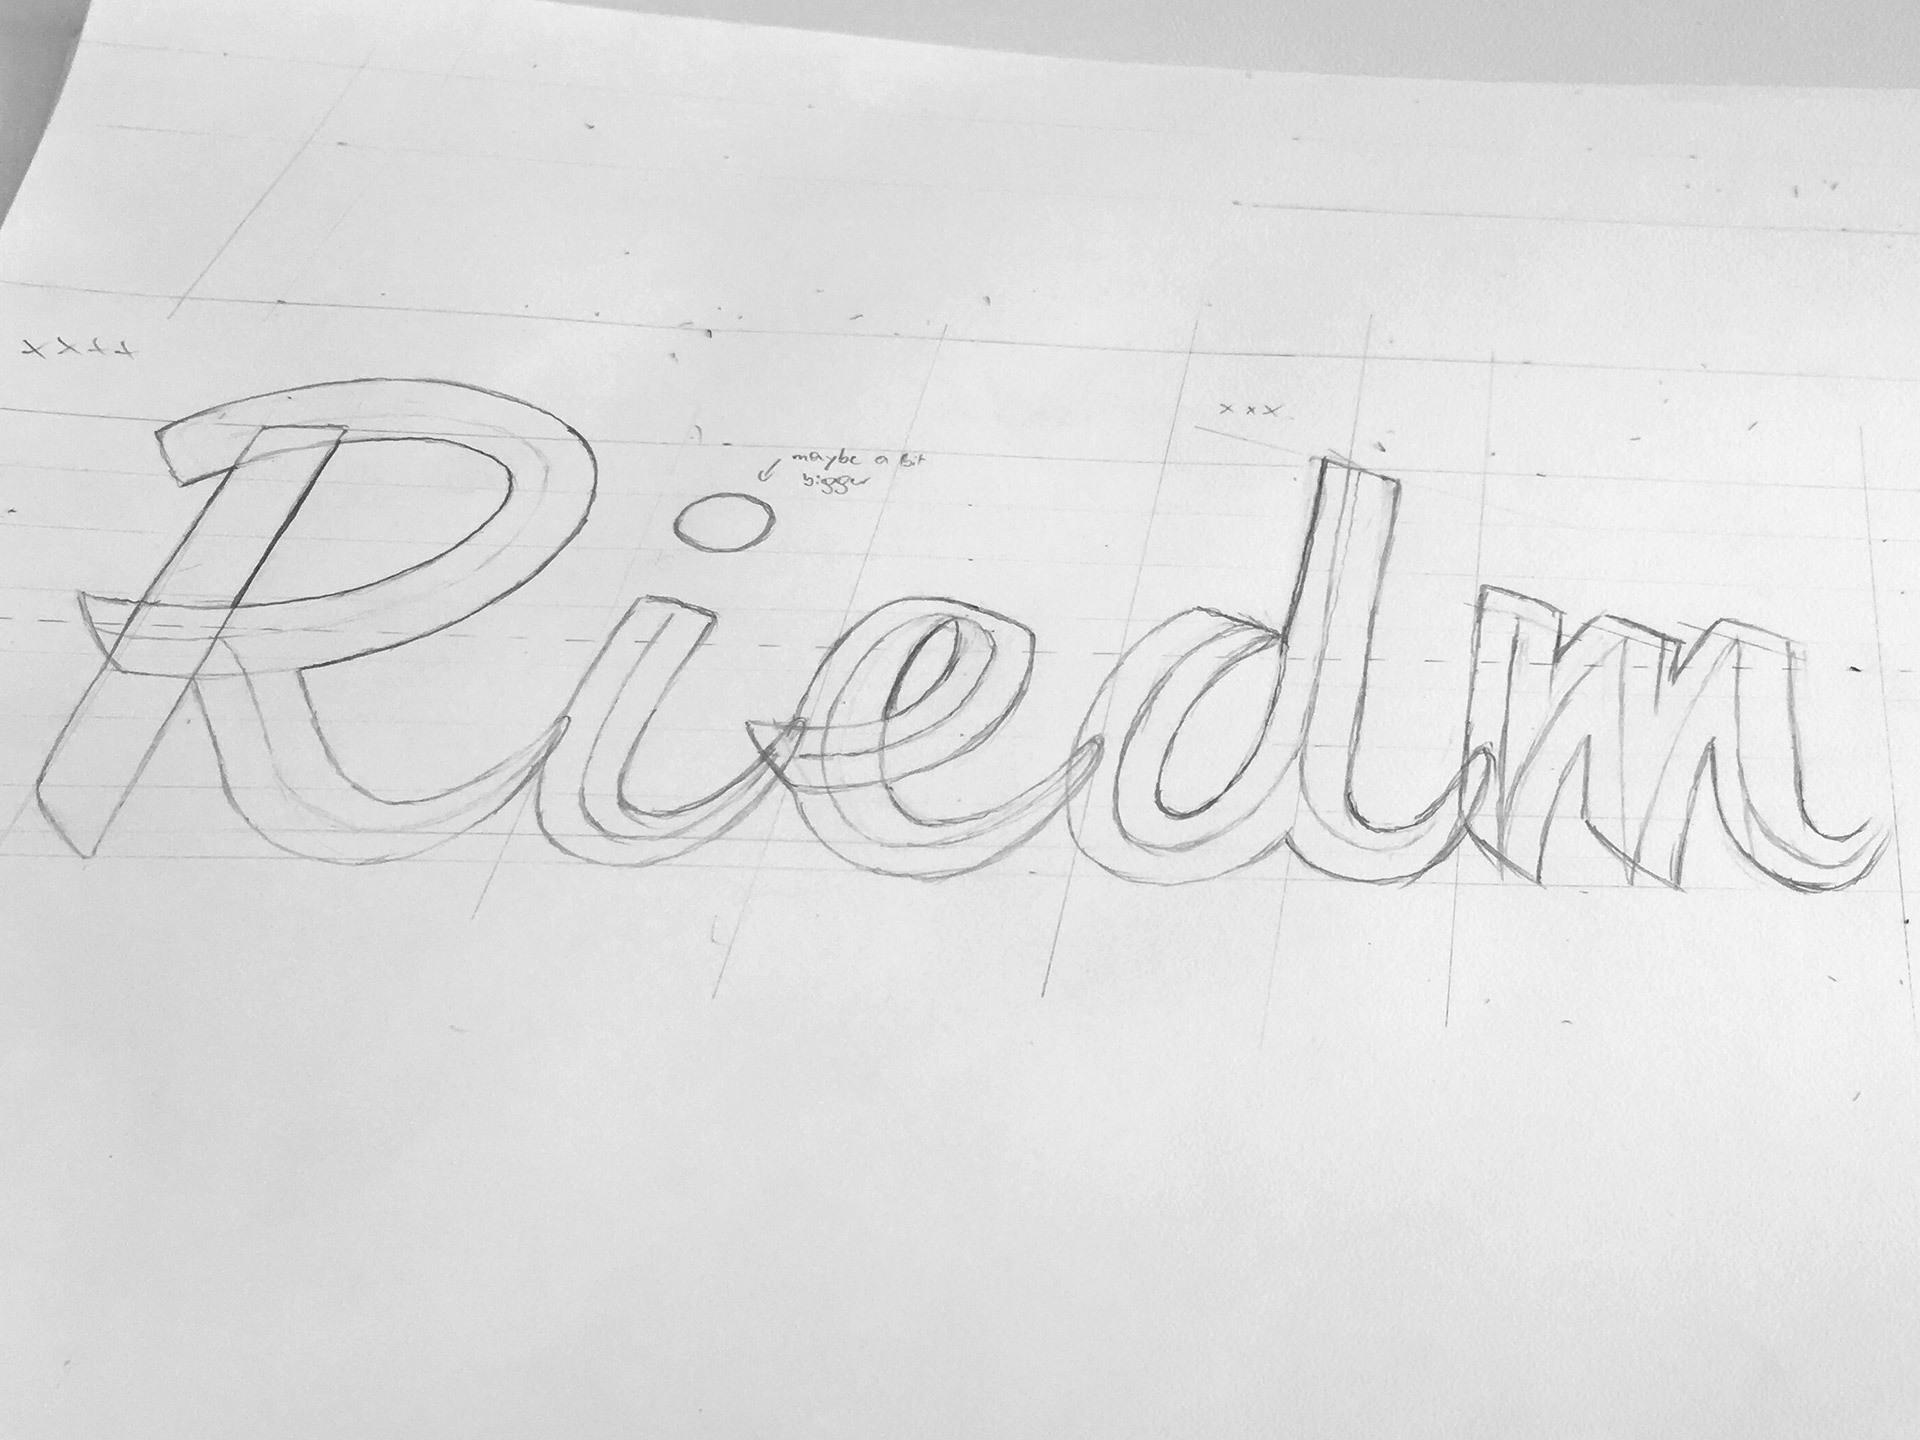 Riedmann 02